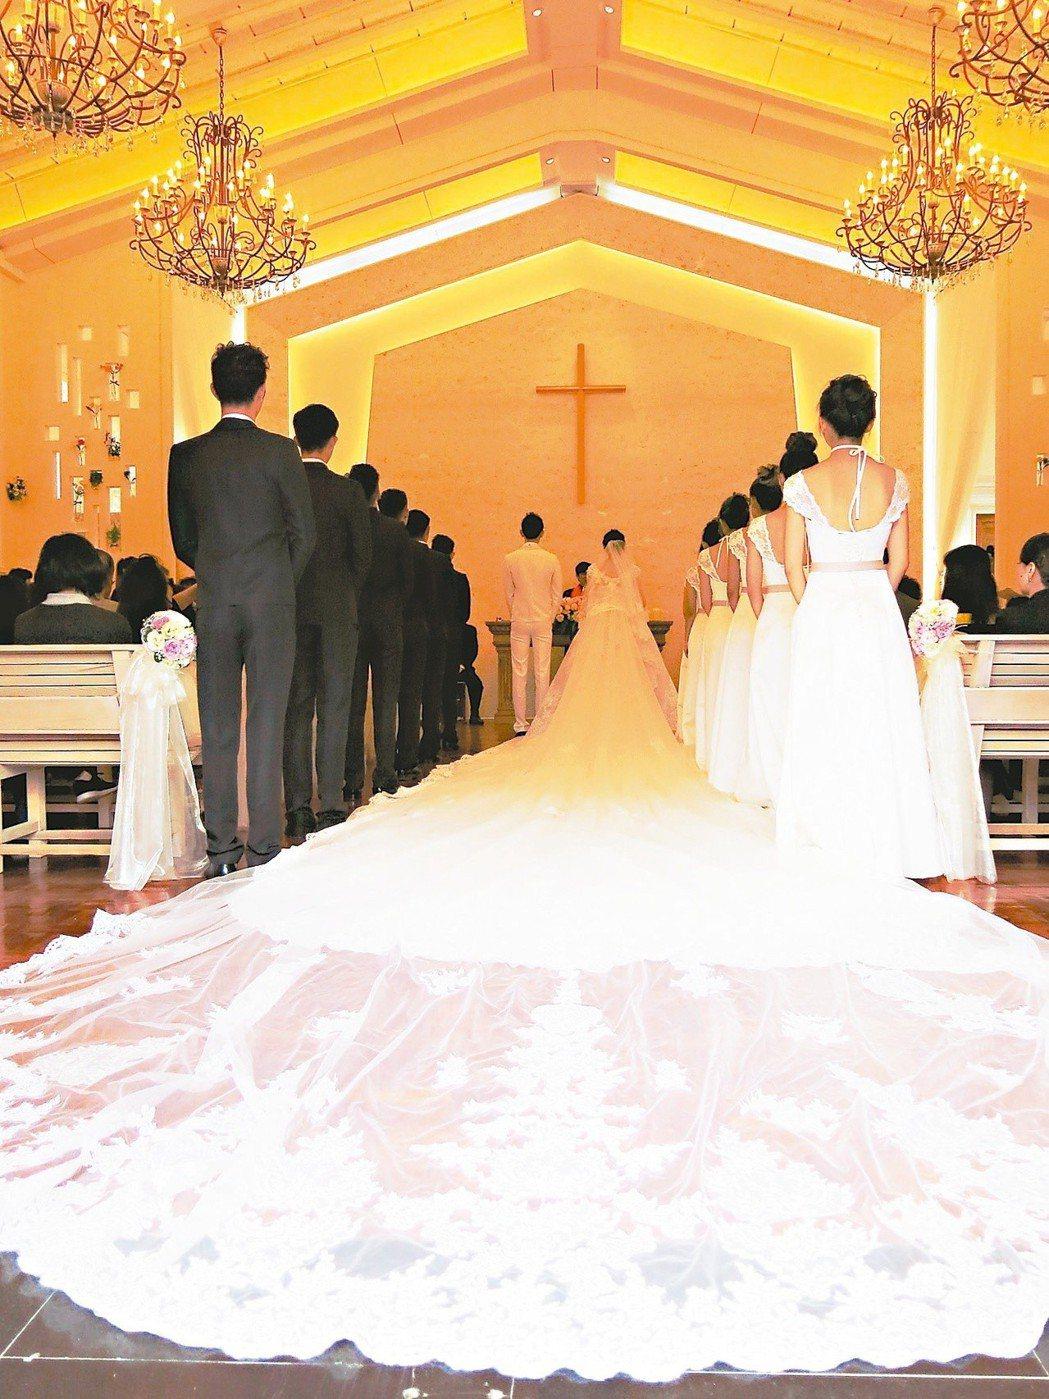 日月潭耶穌堂在活化委外後,成為新的婚禮熱門景點。 圖/聯合報系資料照片